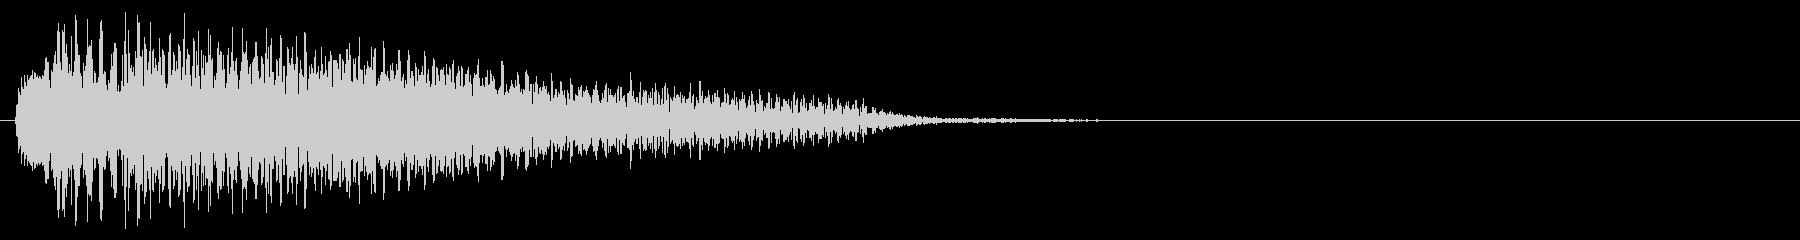 電子音系 タッチ音3(複)の未再生の波形